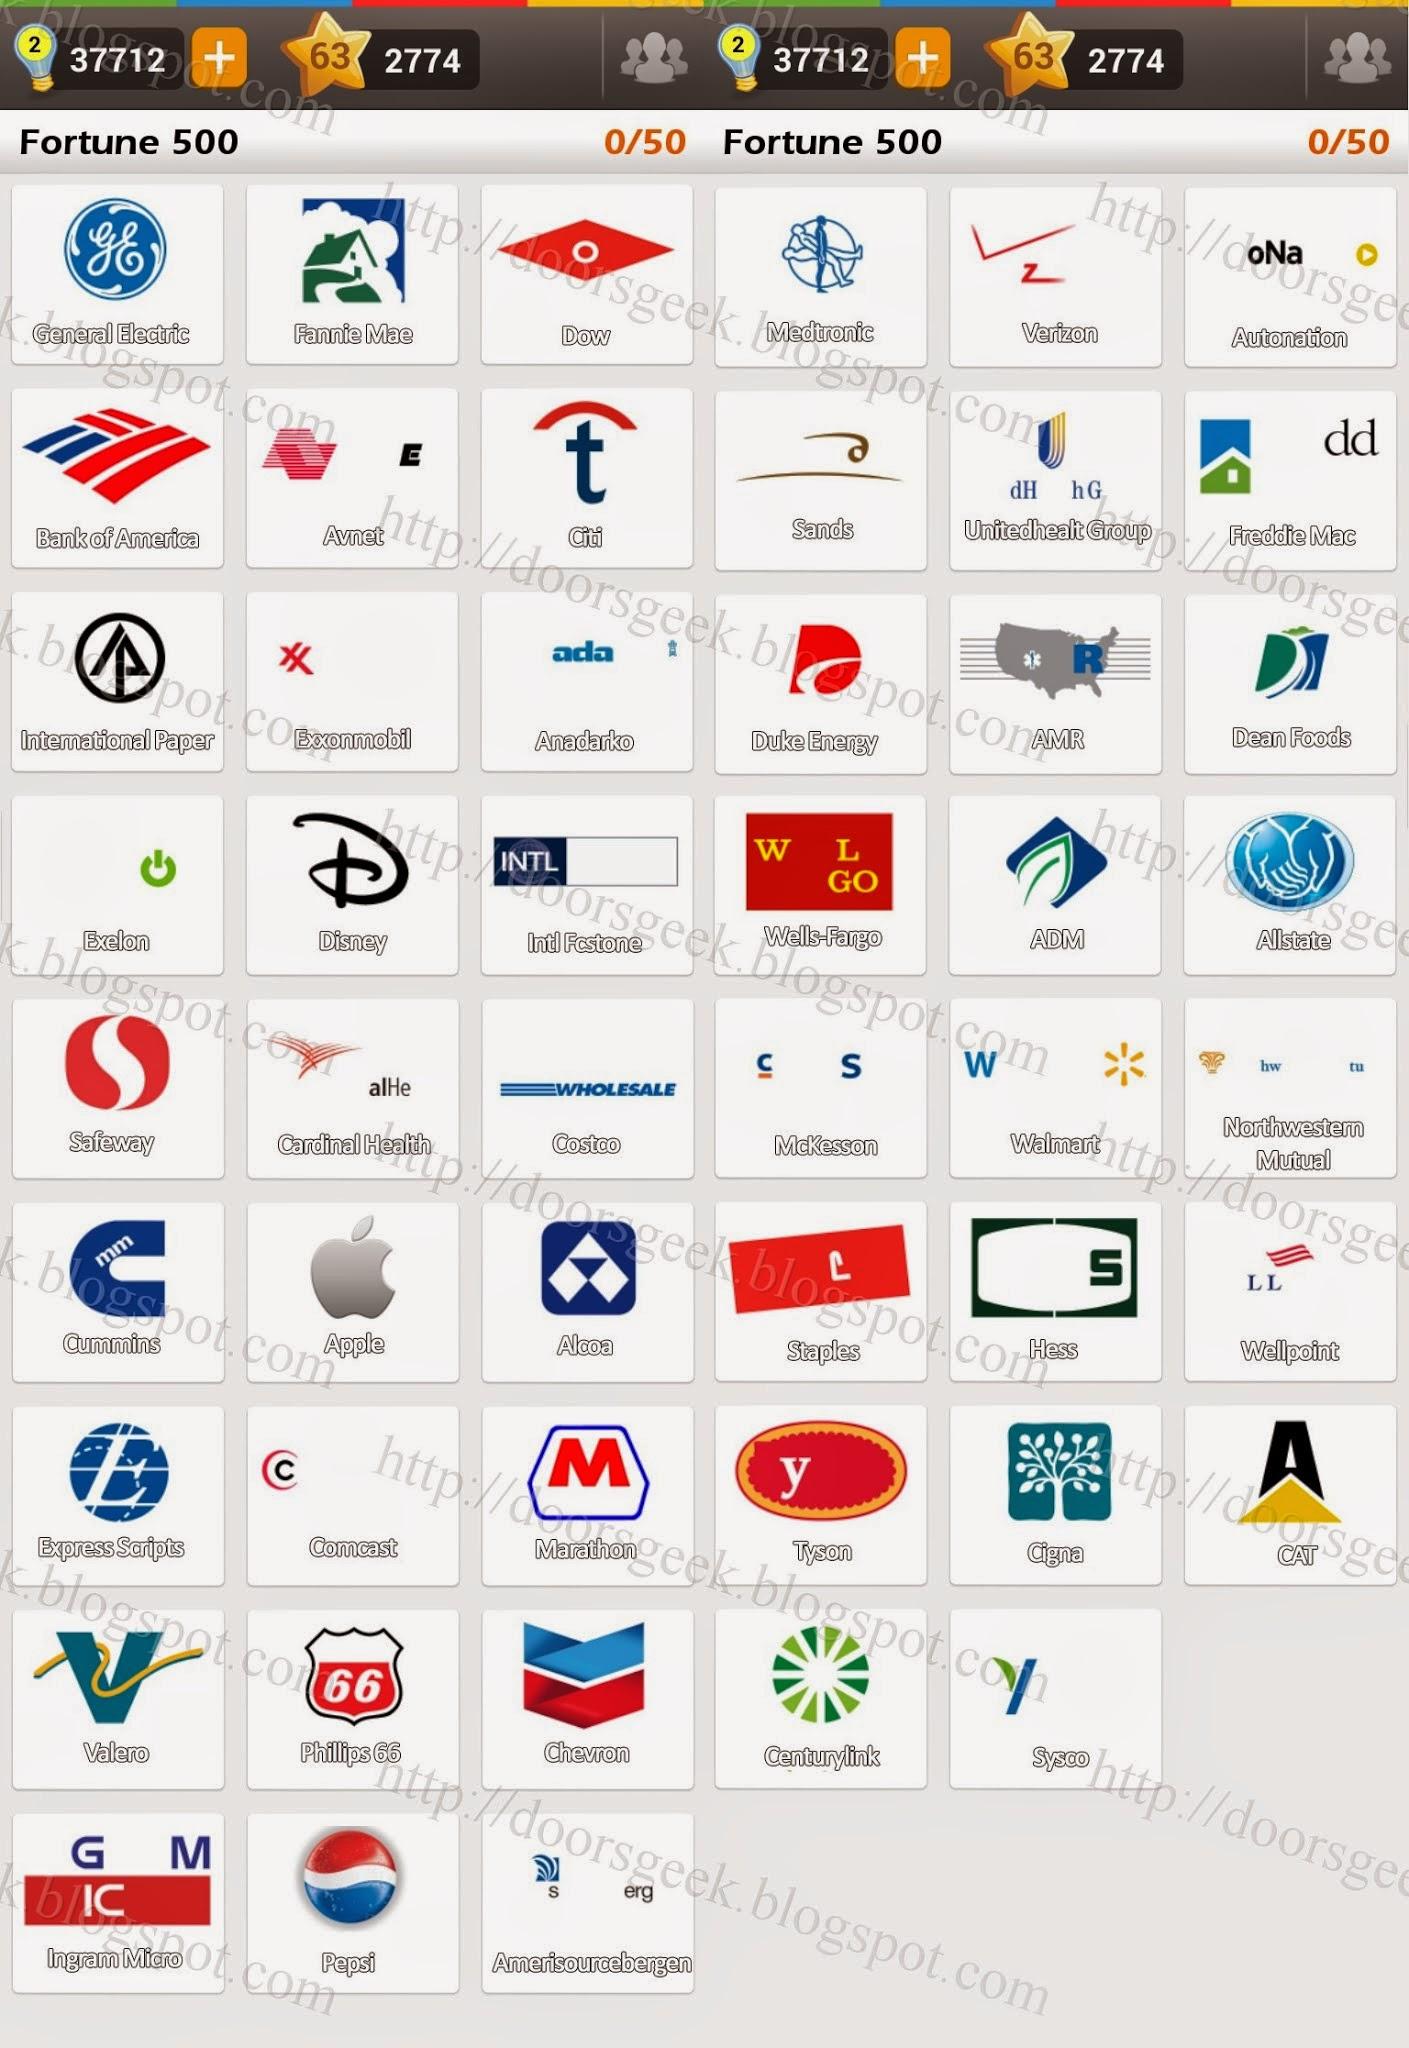 Logo Game Guess The Brand Bonus Fortune 500 Doors Geek